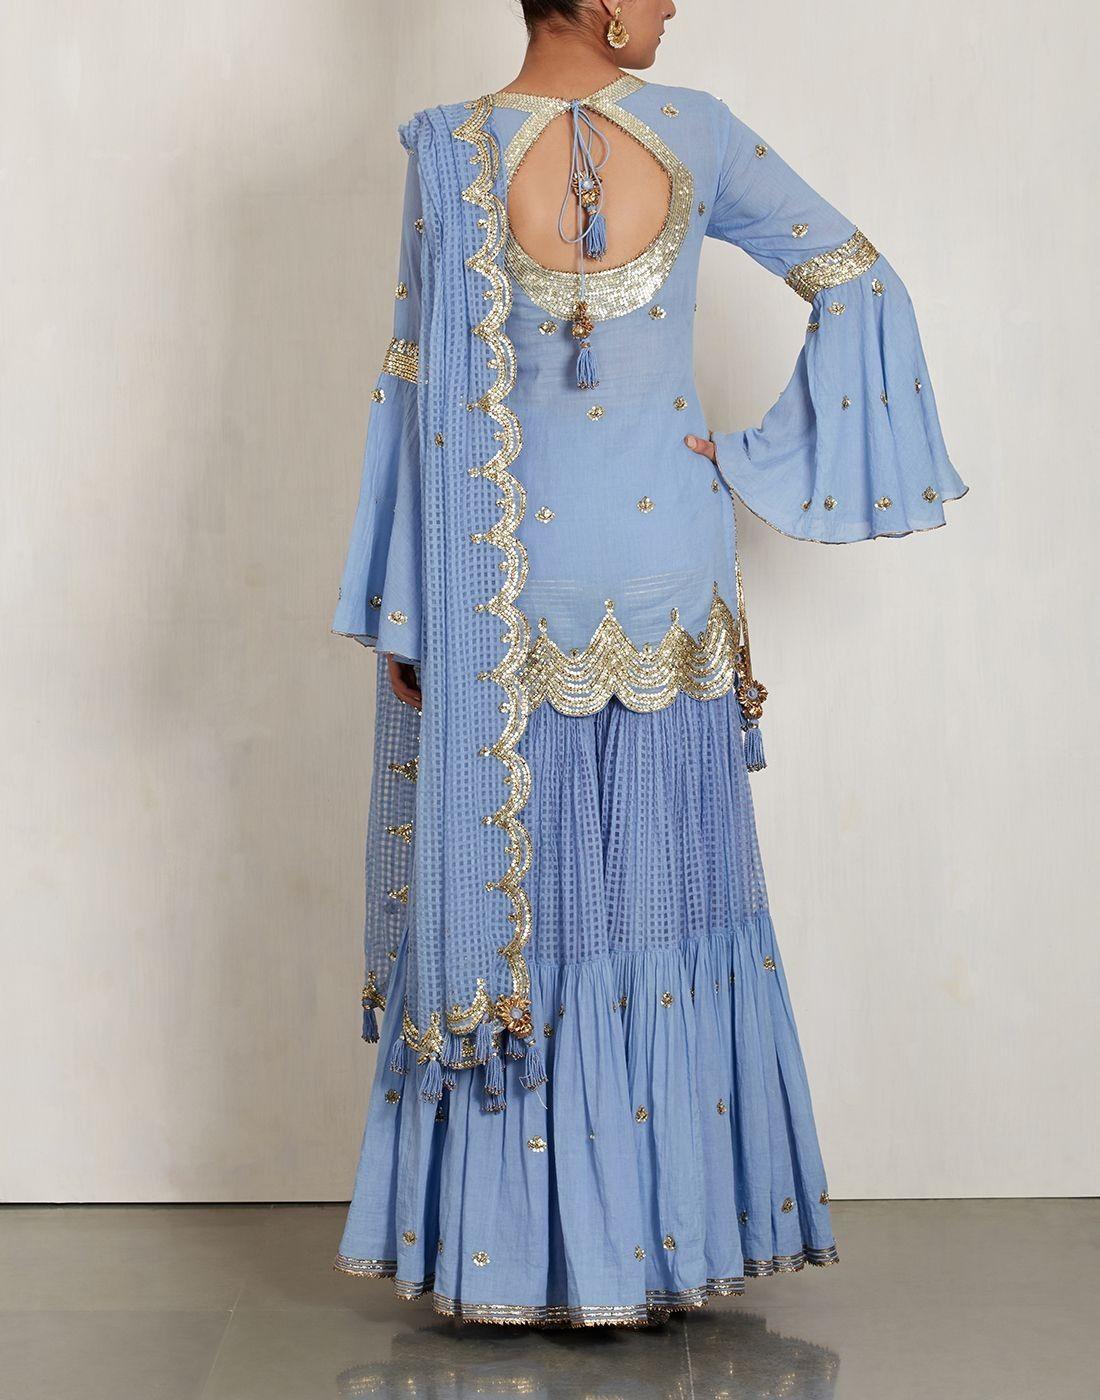 815bc3921f4e68 Blue Sharara Set with Sequin Embroidery-SUKRITI   AAKRITI